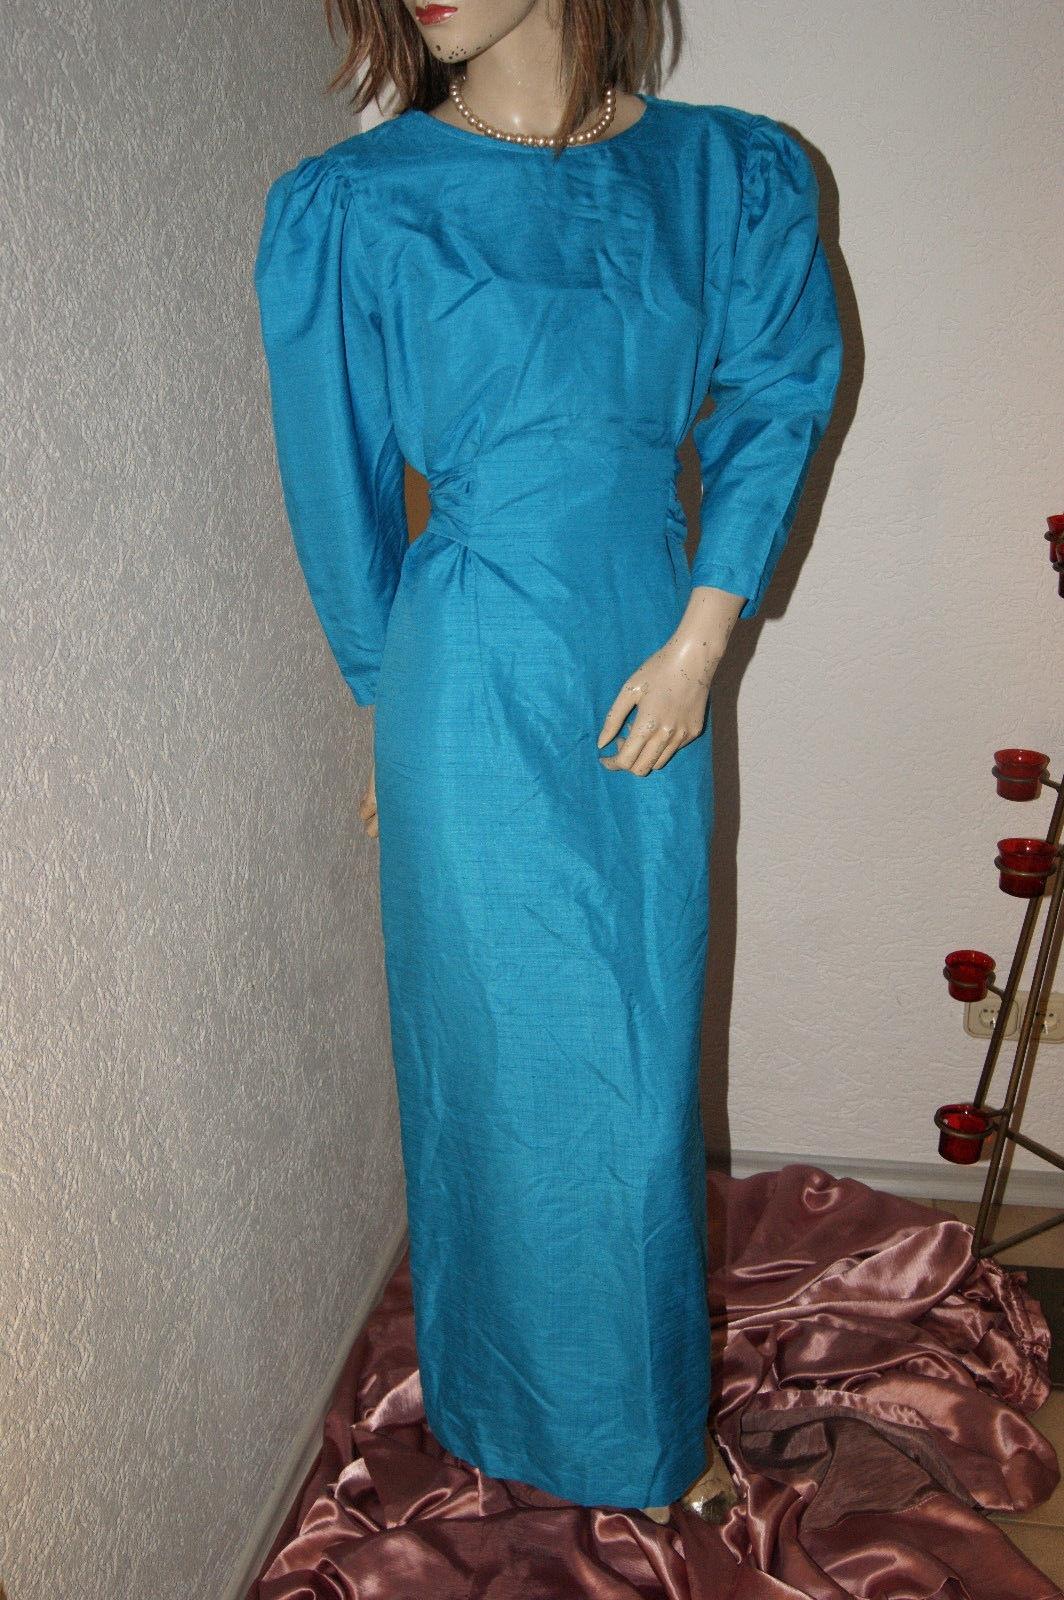 Designer Ausgezeichnet Langes Kleid Türkis Design Einfach Langes Kleid Türkis Galerie